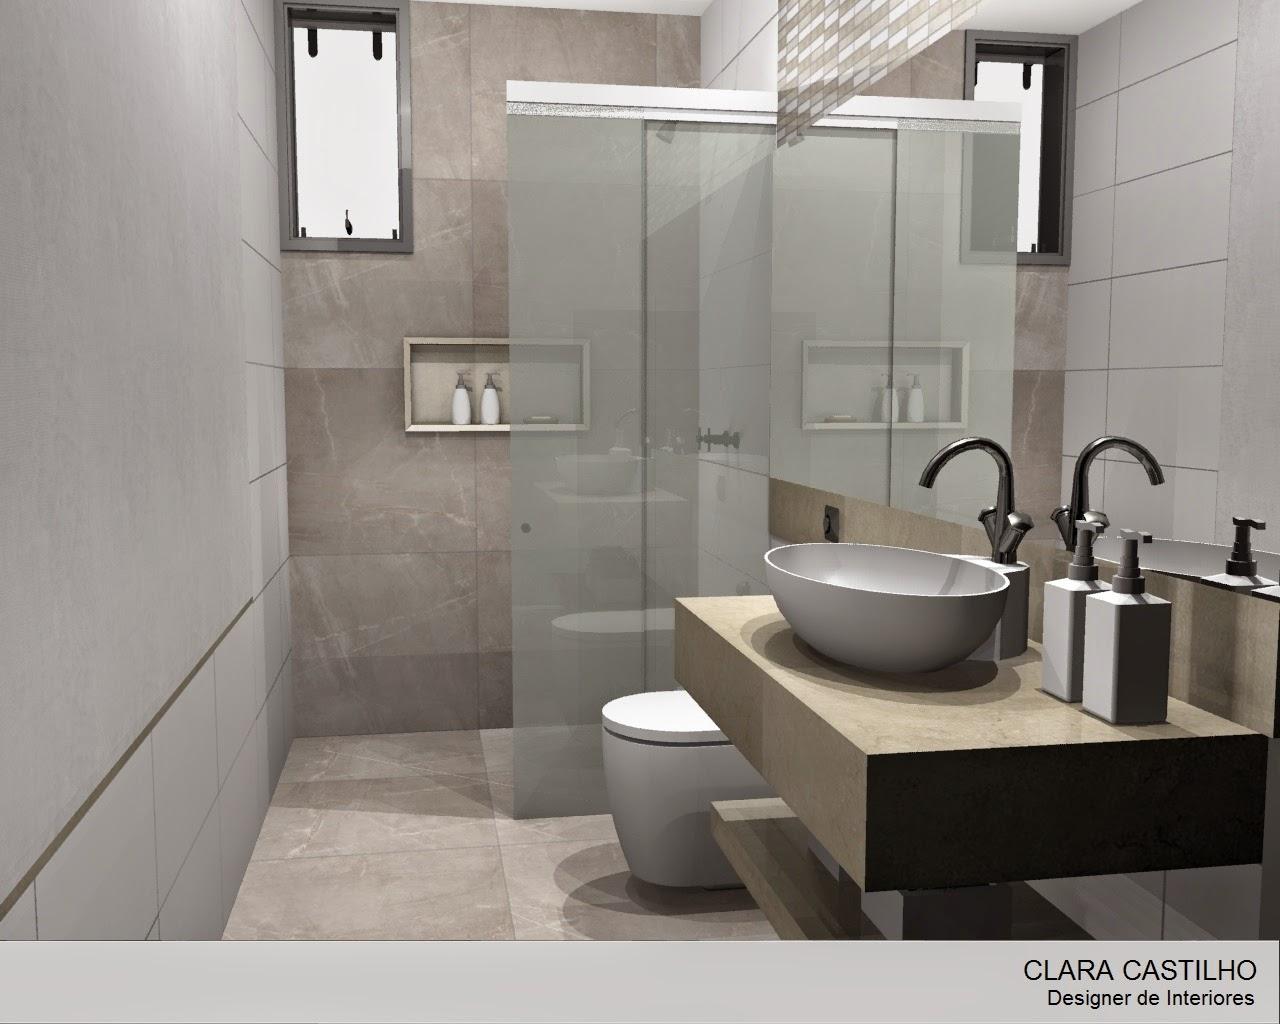 tamanho 60x60 e retificado na cor cinza claro com efeitos marmorizado #736758 1280x1024 Banheiro Amarelo E Cinza